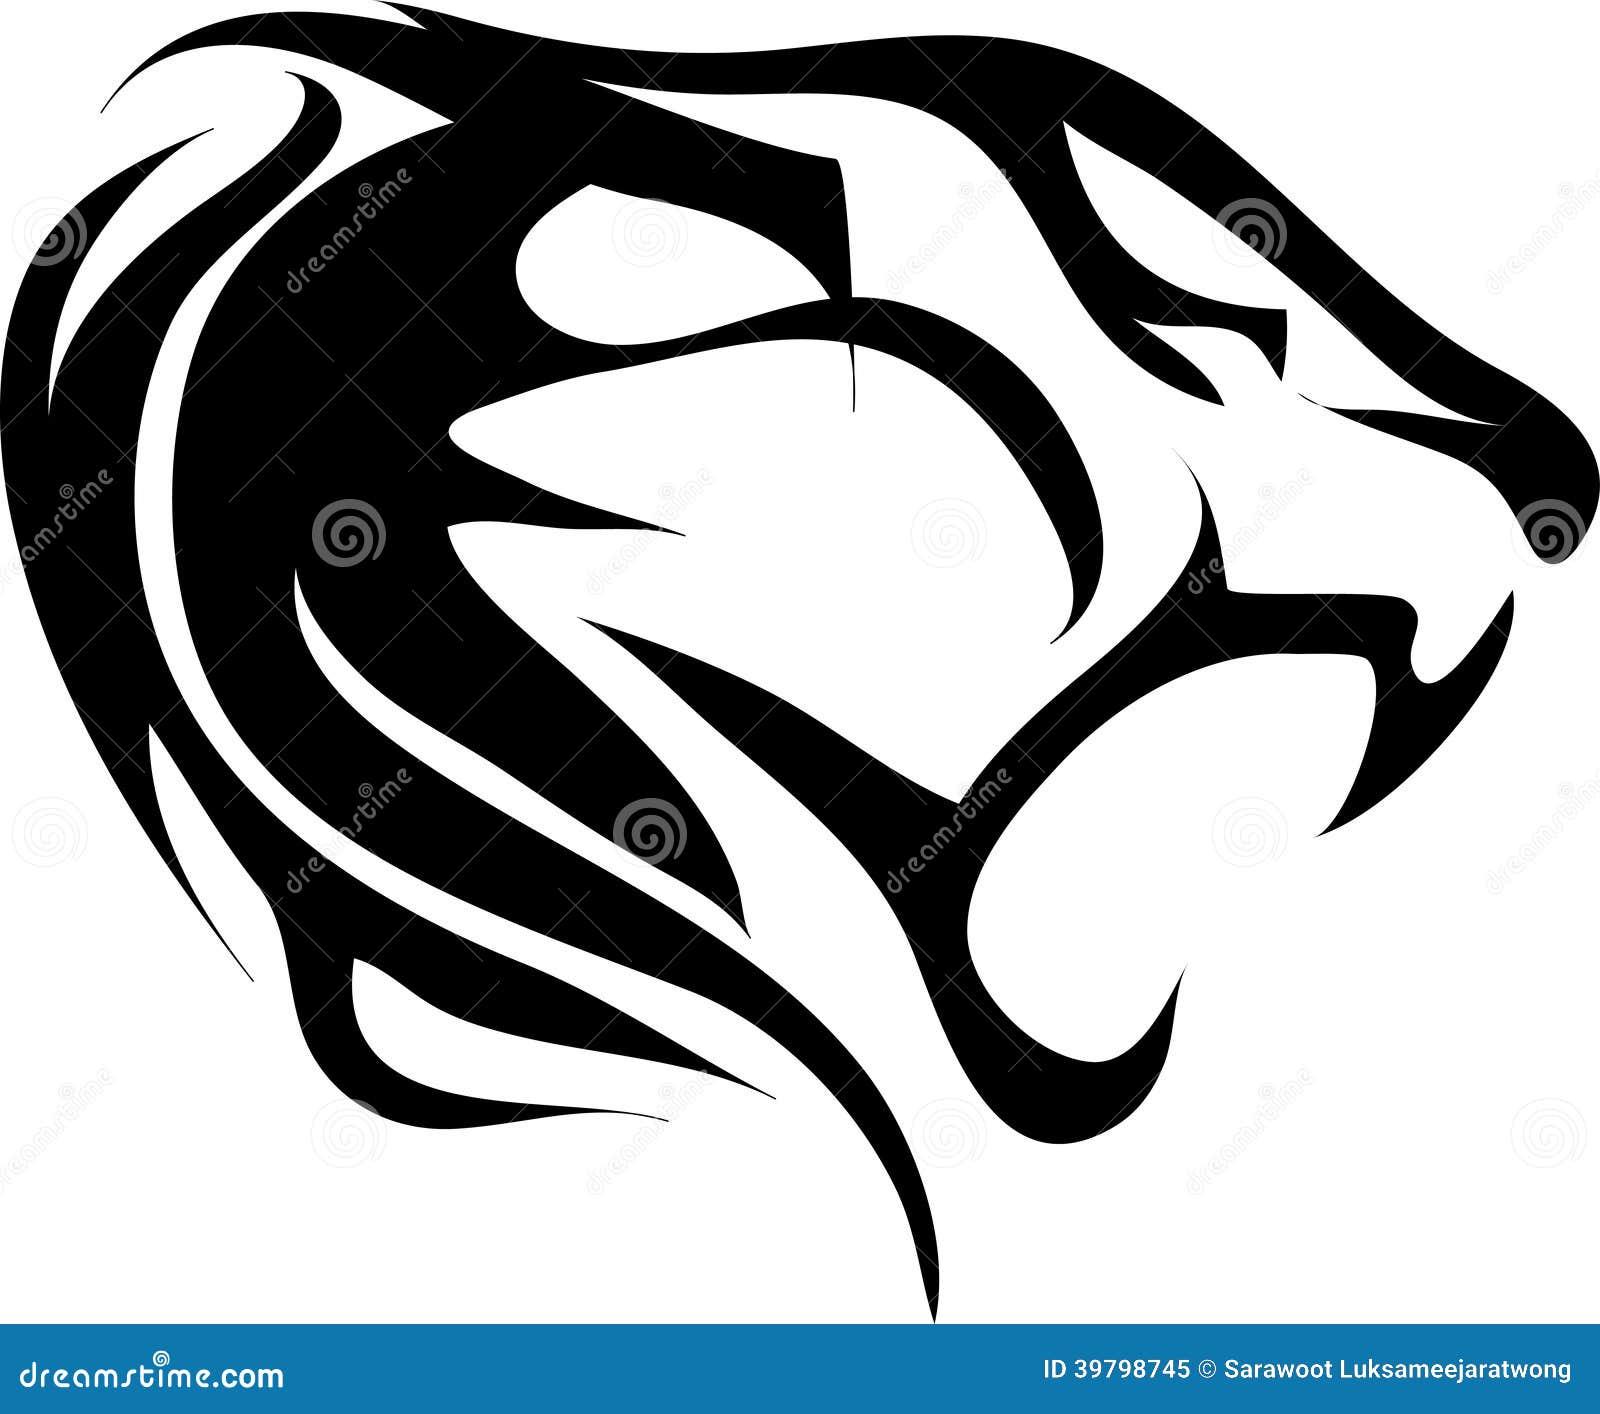 tiger tattoo vintage stock vector illustration of vintage 39798745. Black Bedroom Furniture Sets. Home Design Ideas